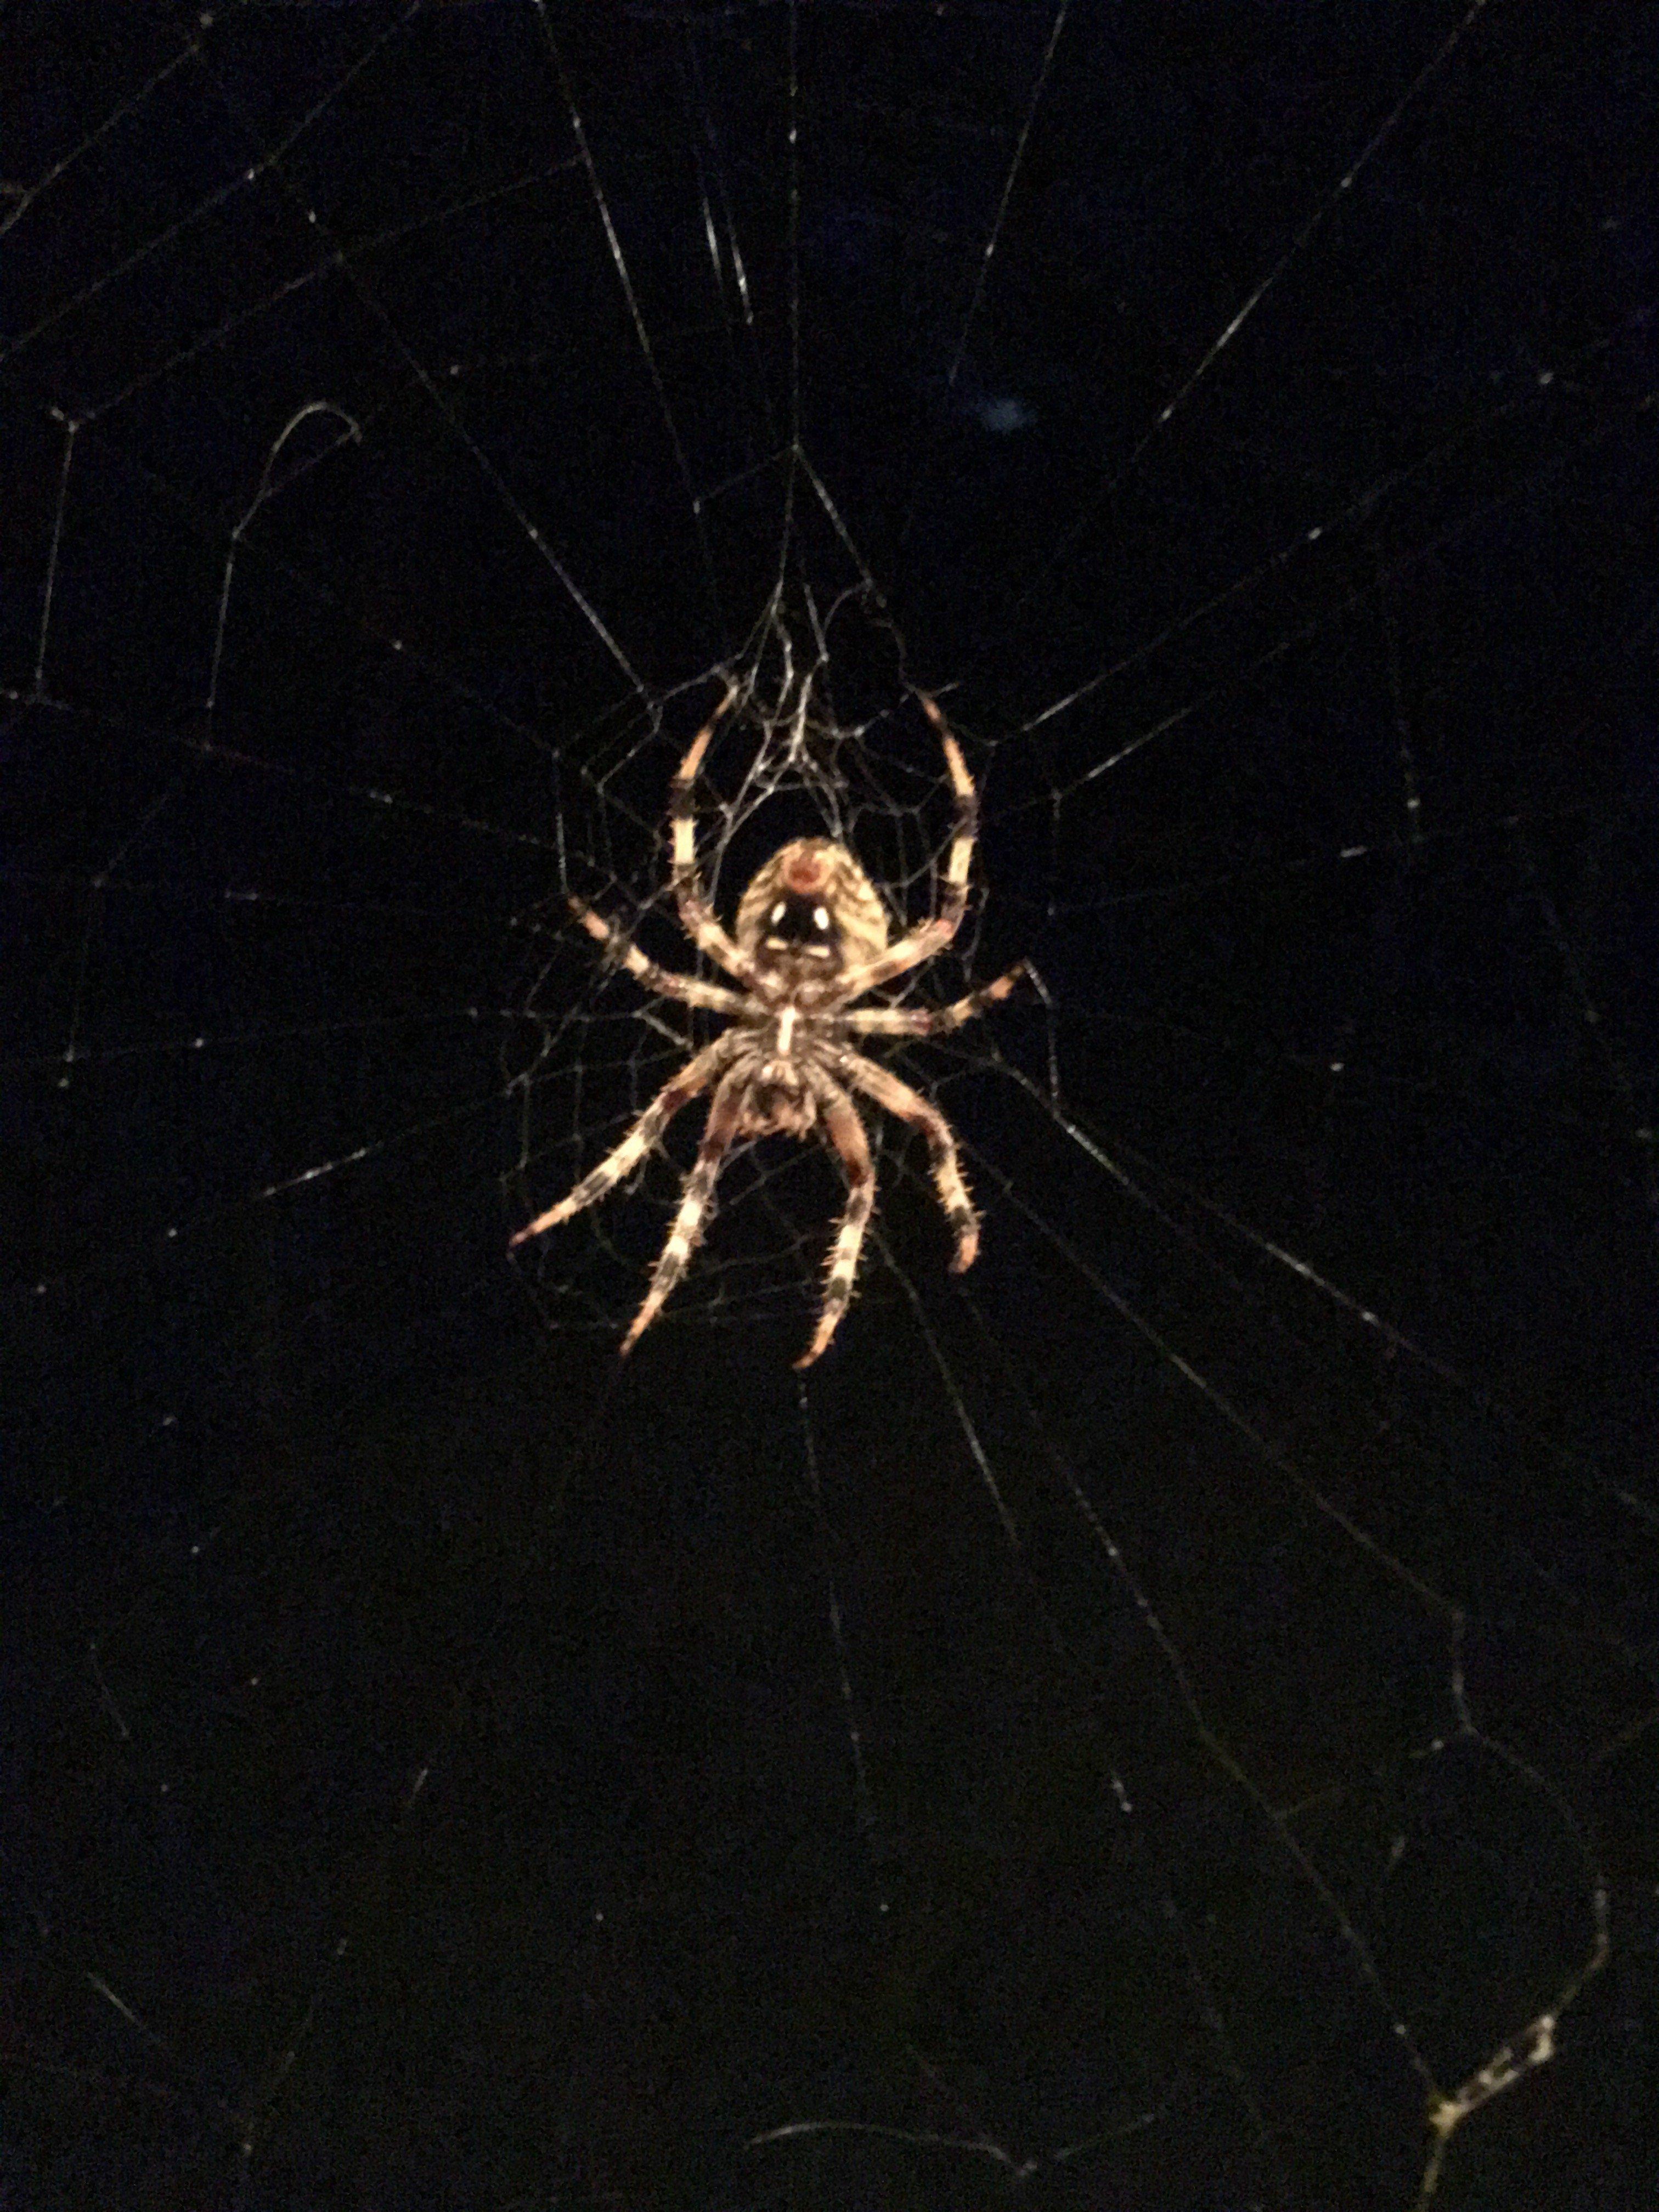 spider-jpg.23026